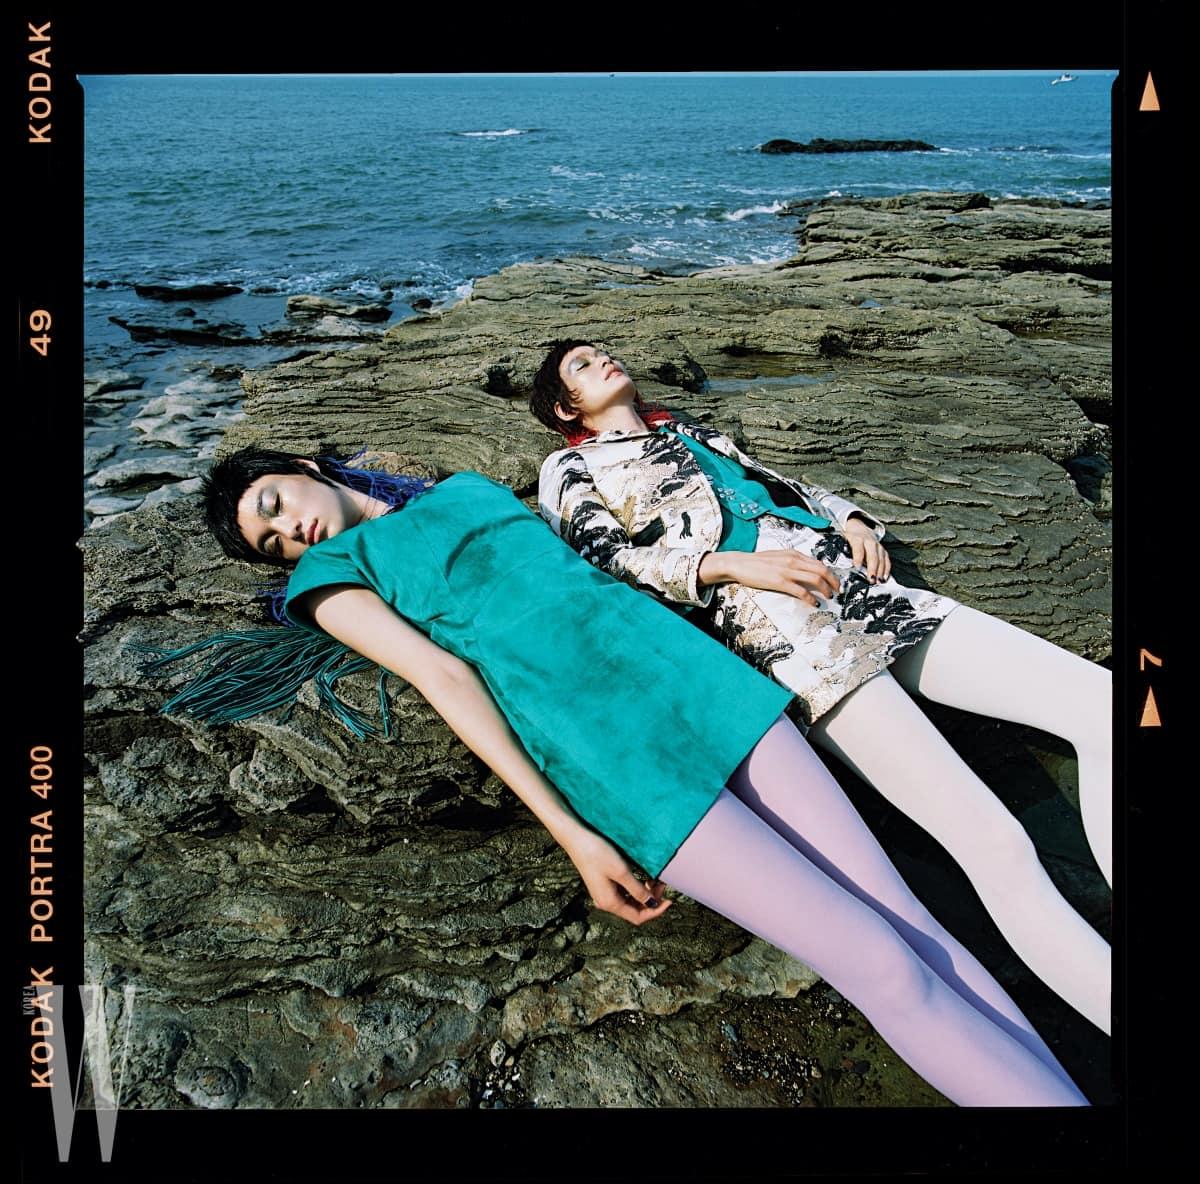 김설희가 착용한 가죽 프린지 장식의 청록색 스웨이드 미니드레스와 박세라가 착용한 스웨이드 슬리브리스, 섬세한 자수 장식 재킷과 미니스커트는 모두 Louis Vuitton 제품.